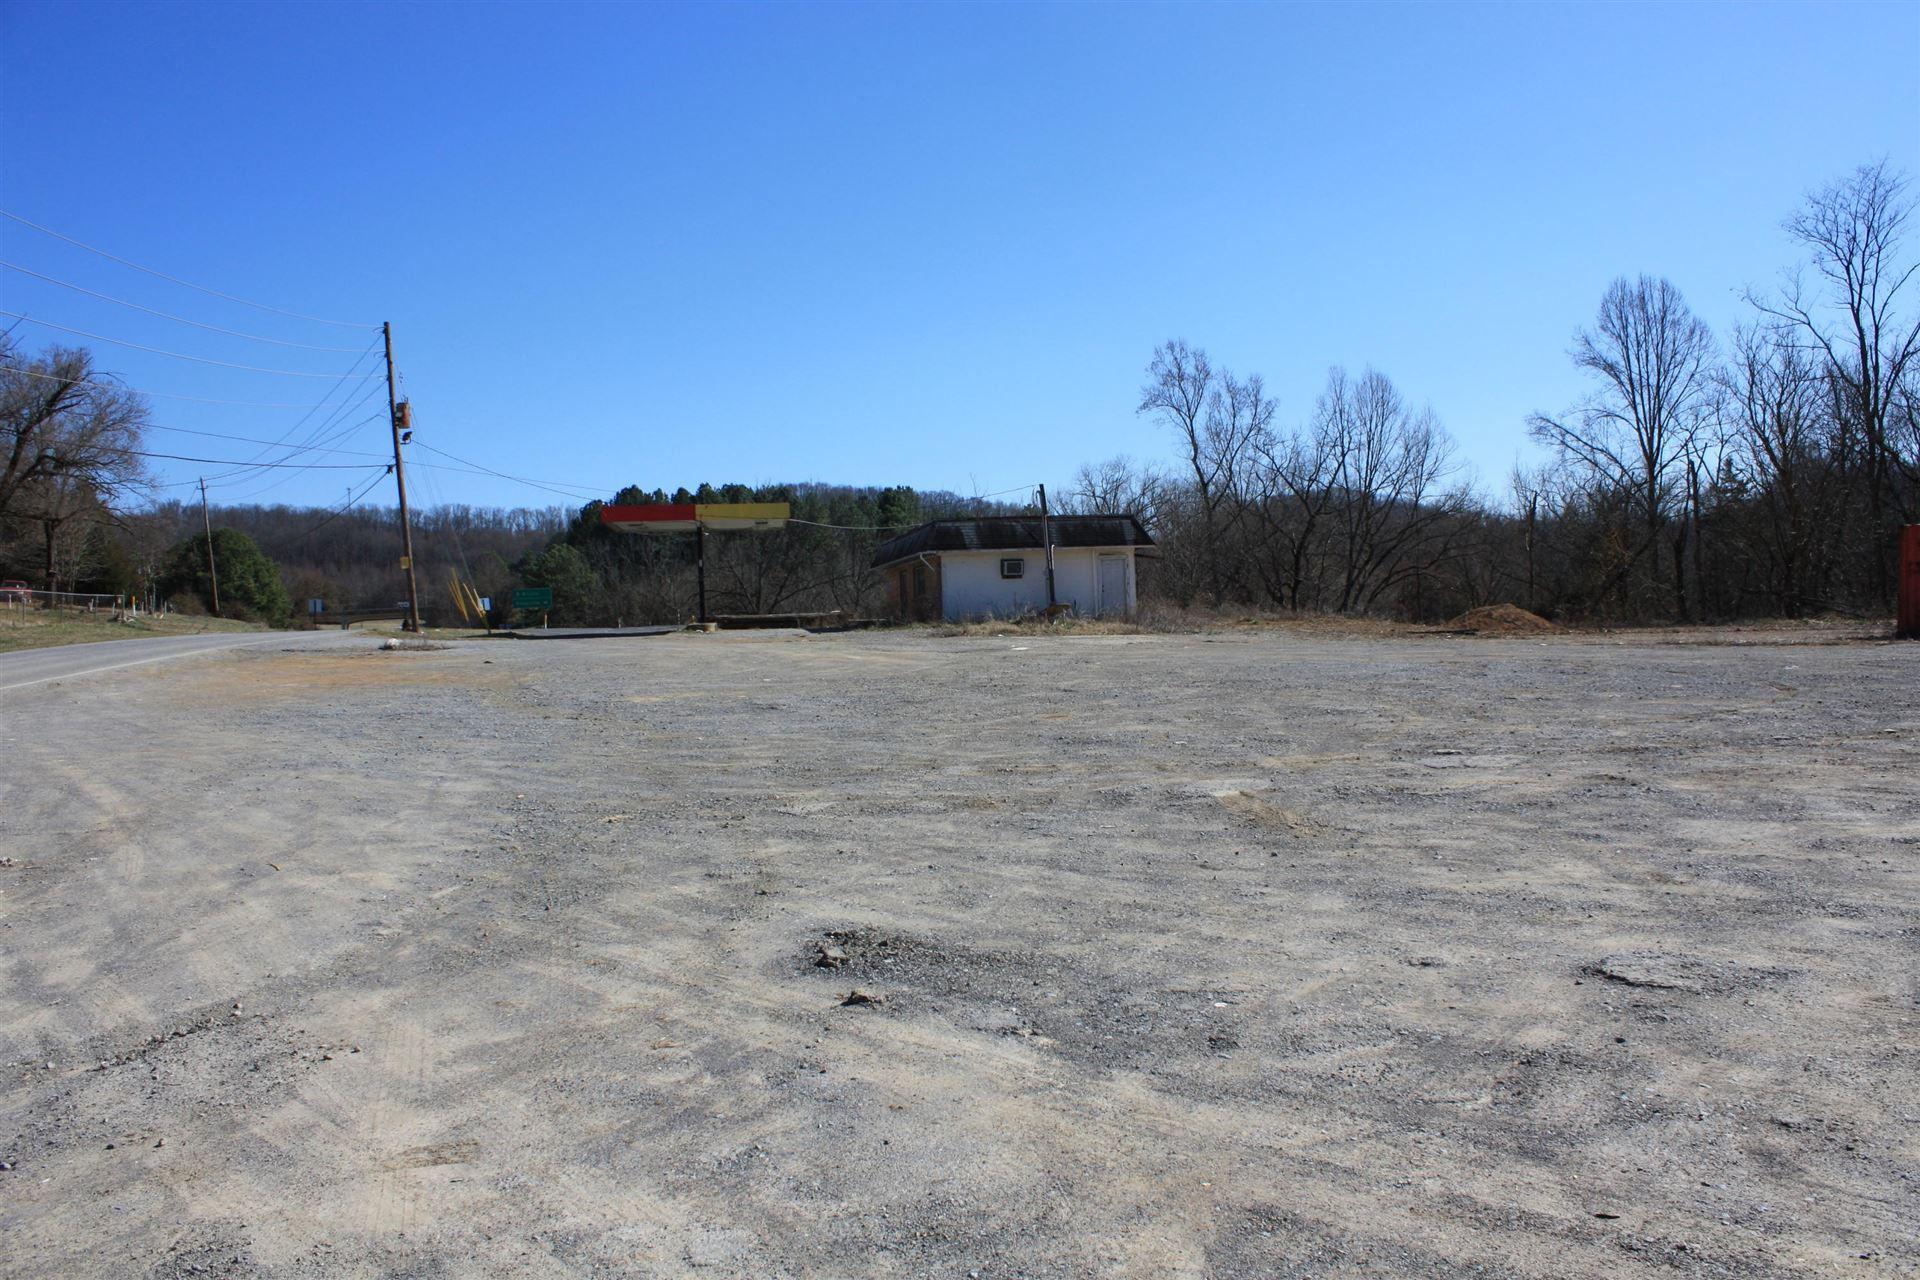 Photo of 1130 Jearoldstown Road, Chuckey, TN 37641 (MLS # 9919249)